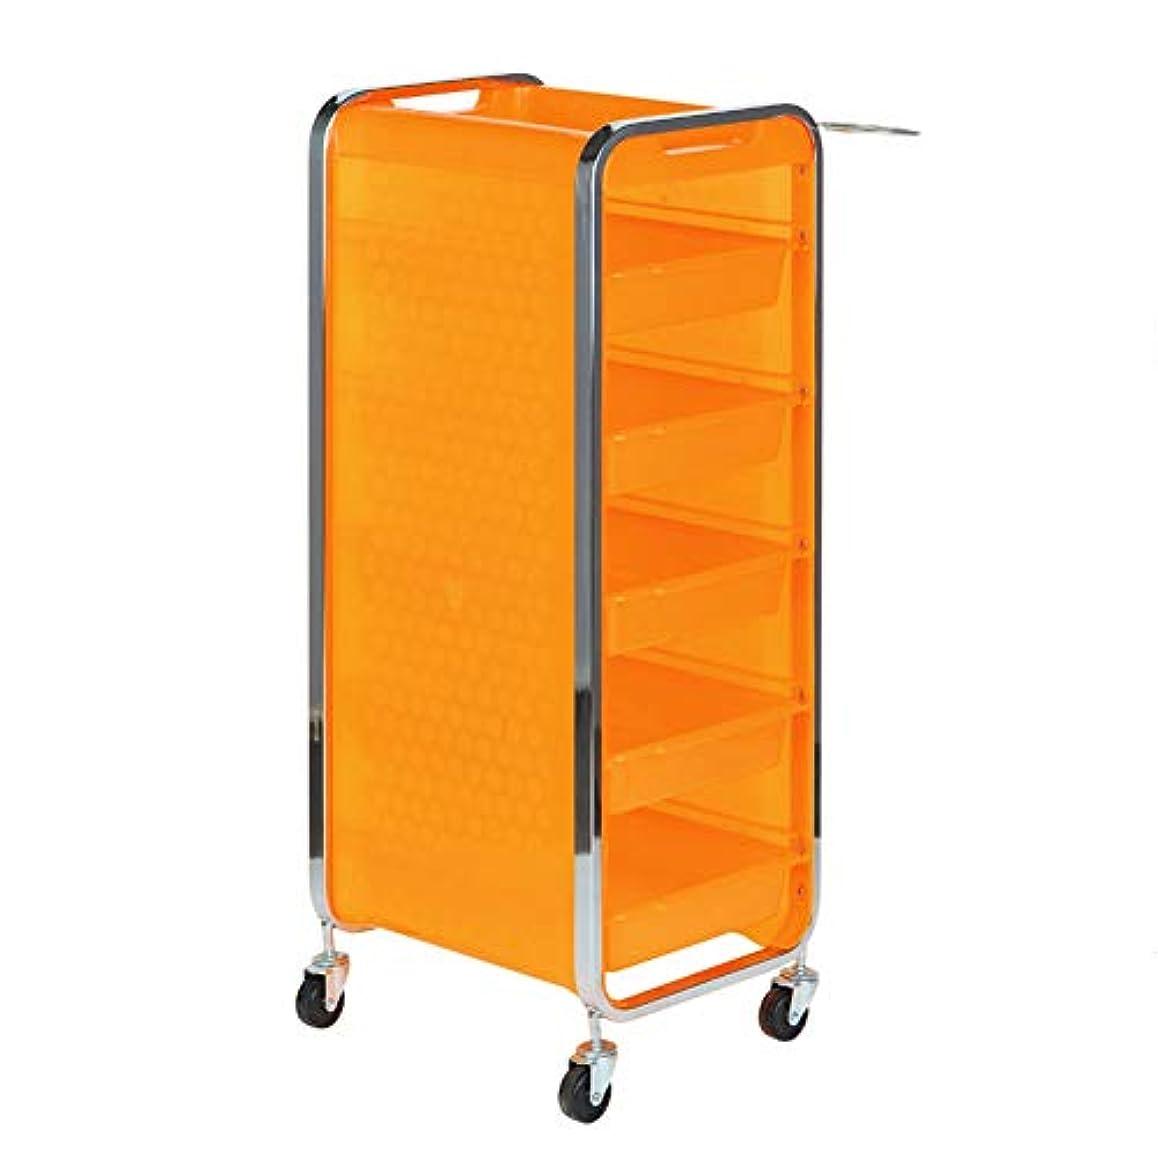 めるパケット他のバンドでサロン美容院トロリー美容美容収納カート6層トレイ多機能引き出し虹色,Orange,A